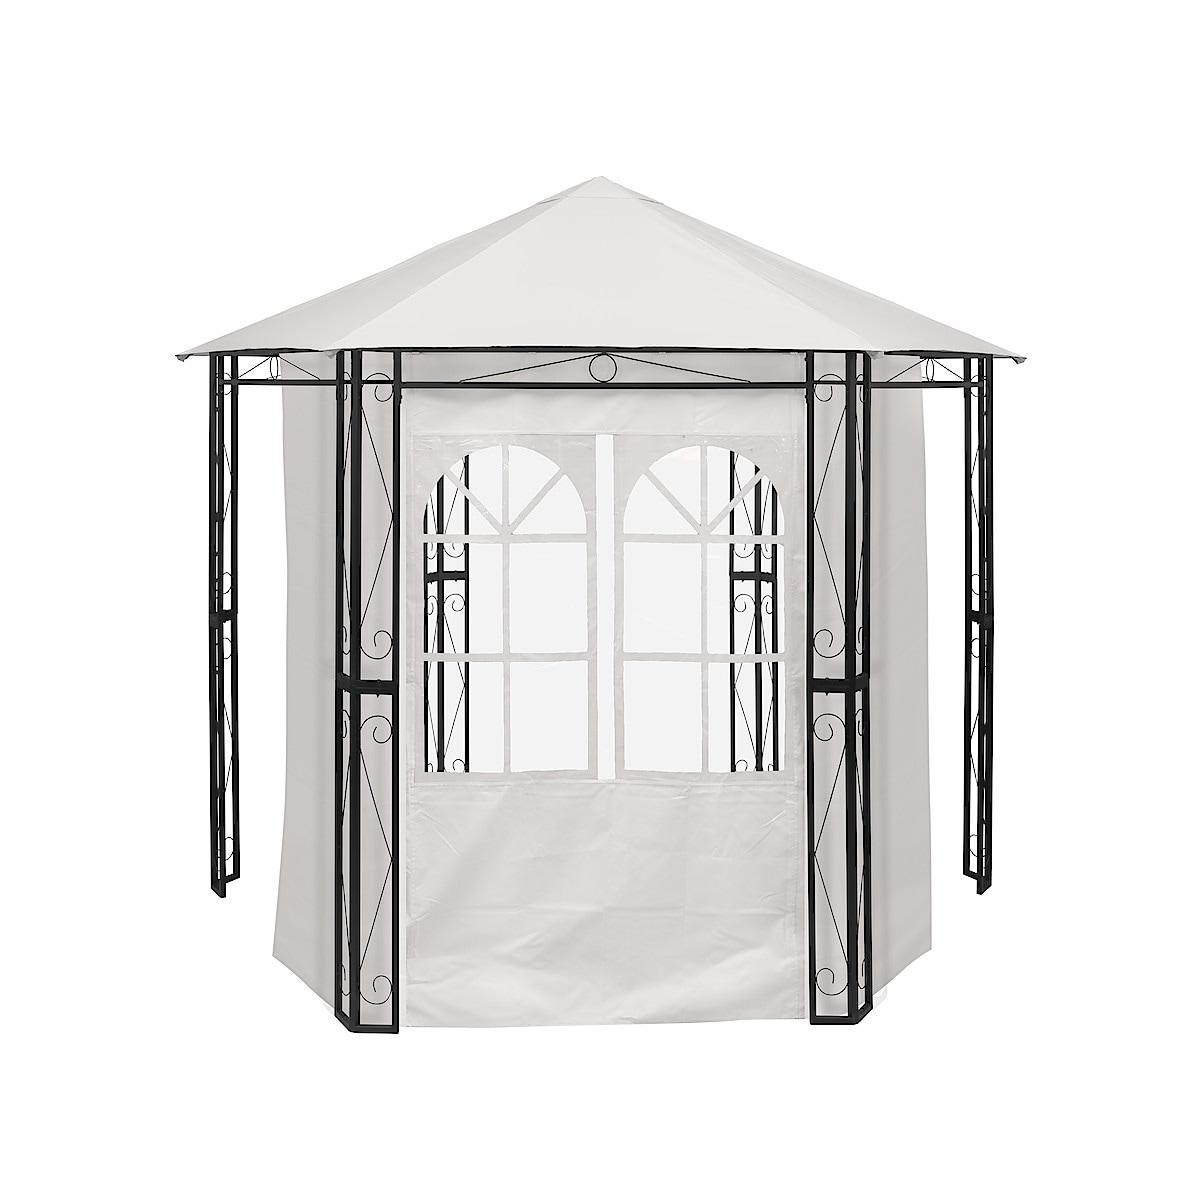 Vegg med vindu til hagepaviljong